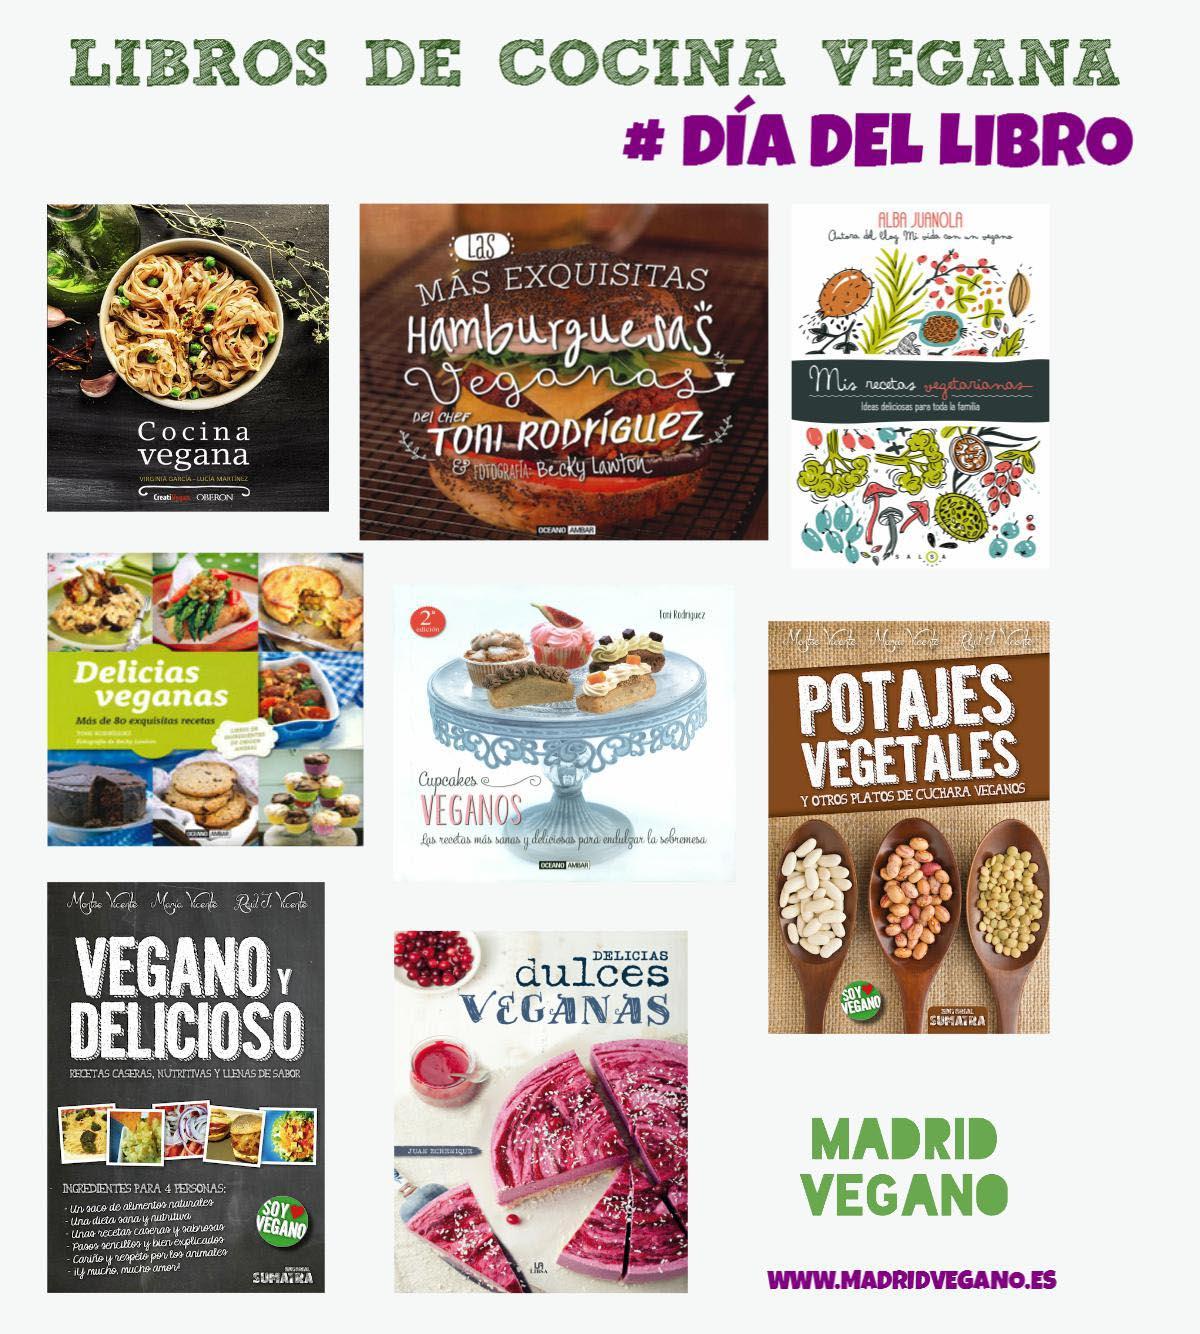 Libros de cocina vegana para el Día del Libro